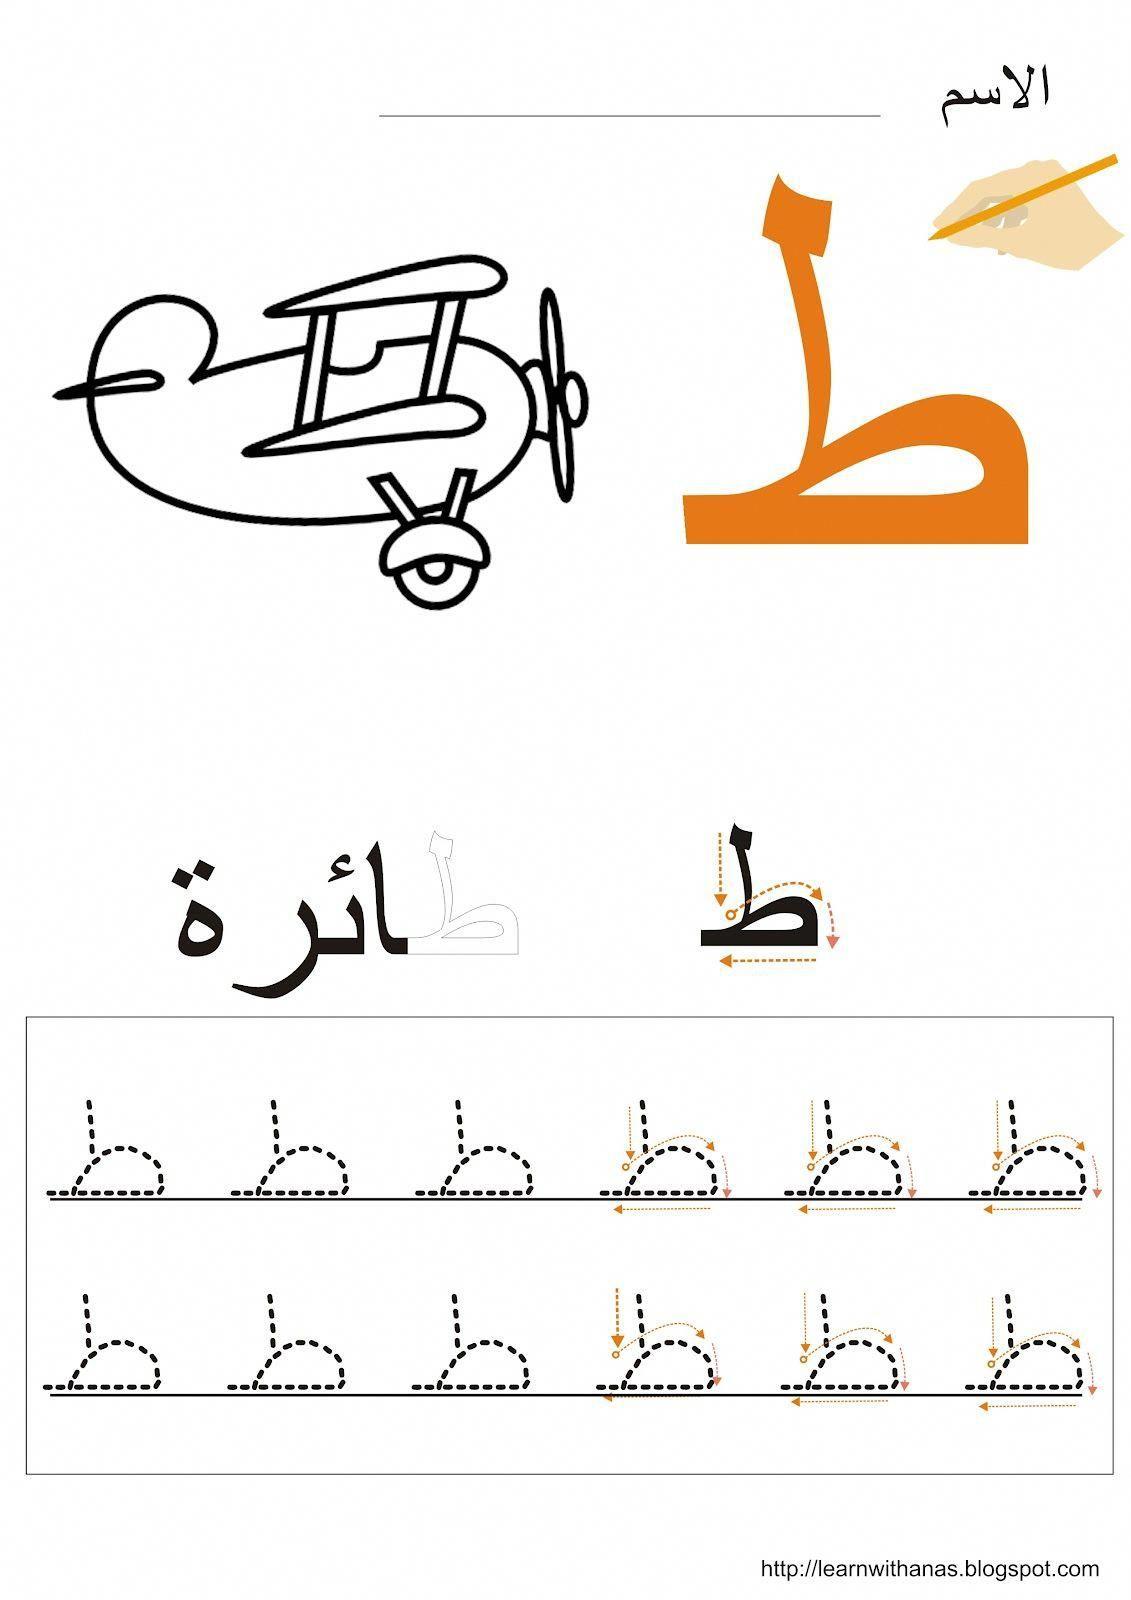 تعلم مع أنس أكتب وتتبع ولون الحرف ط Learnarabic Arabic Alphabet For Kids Learning Arabic Arabic Kids